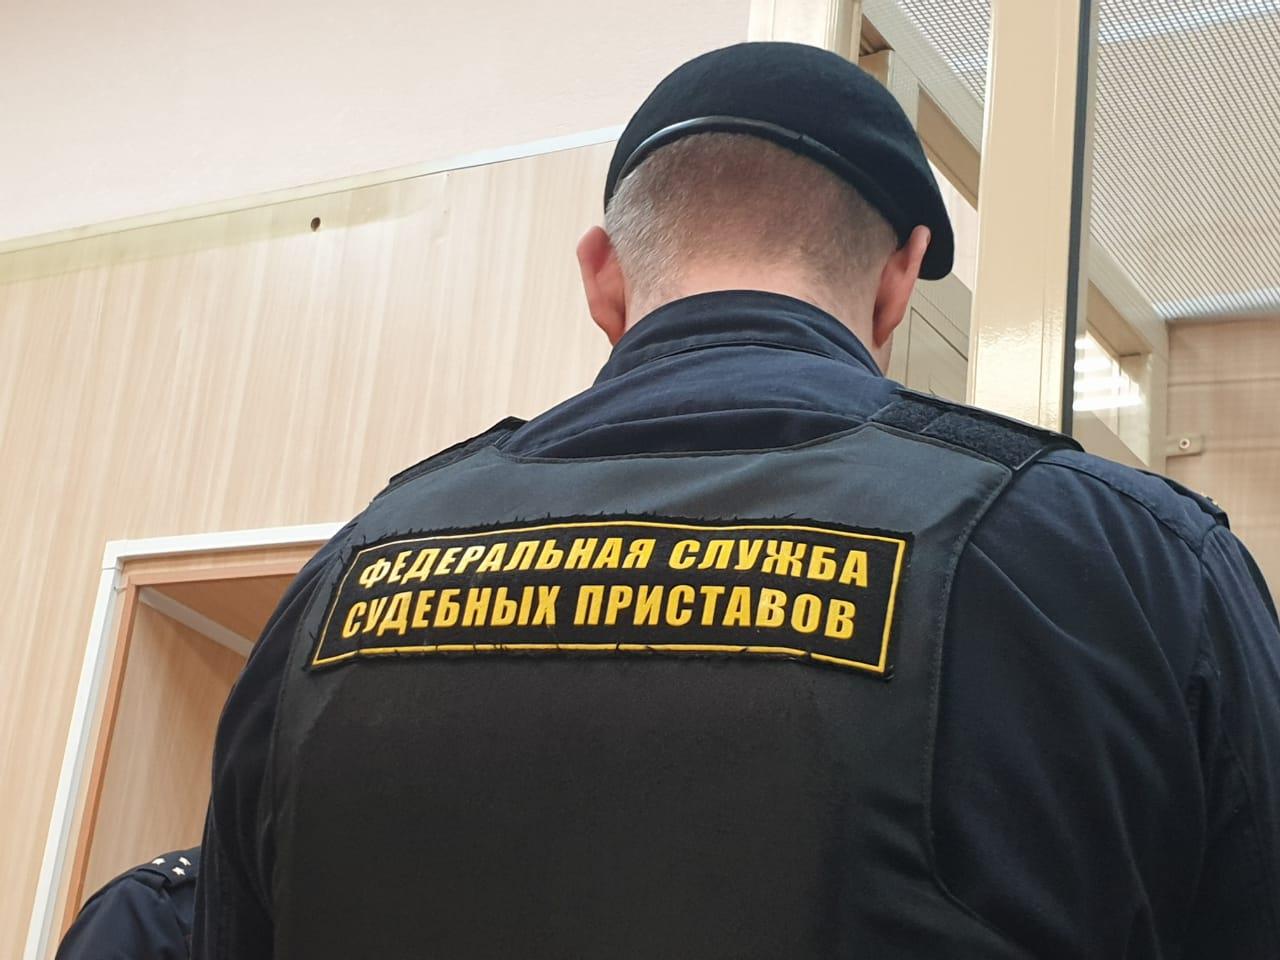 Жители Пермского края задолжали банкам более 41 млрд руб.